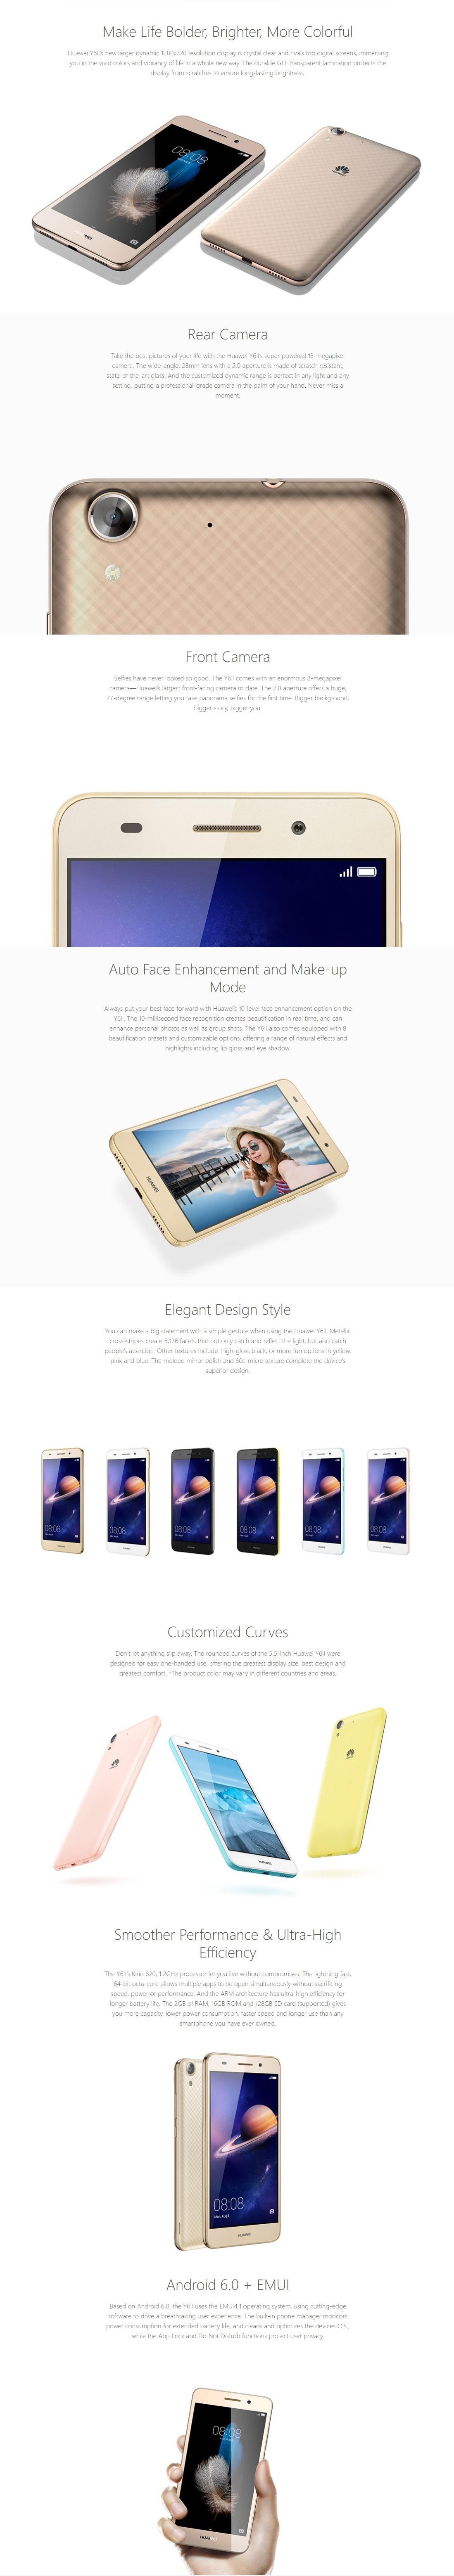 Huawei Y6 Price Singapore